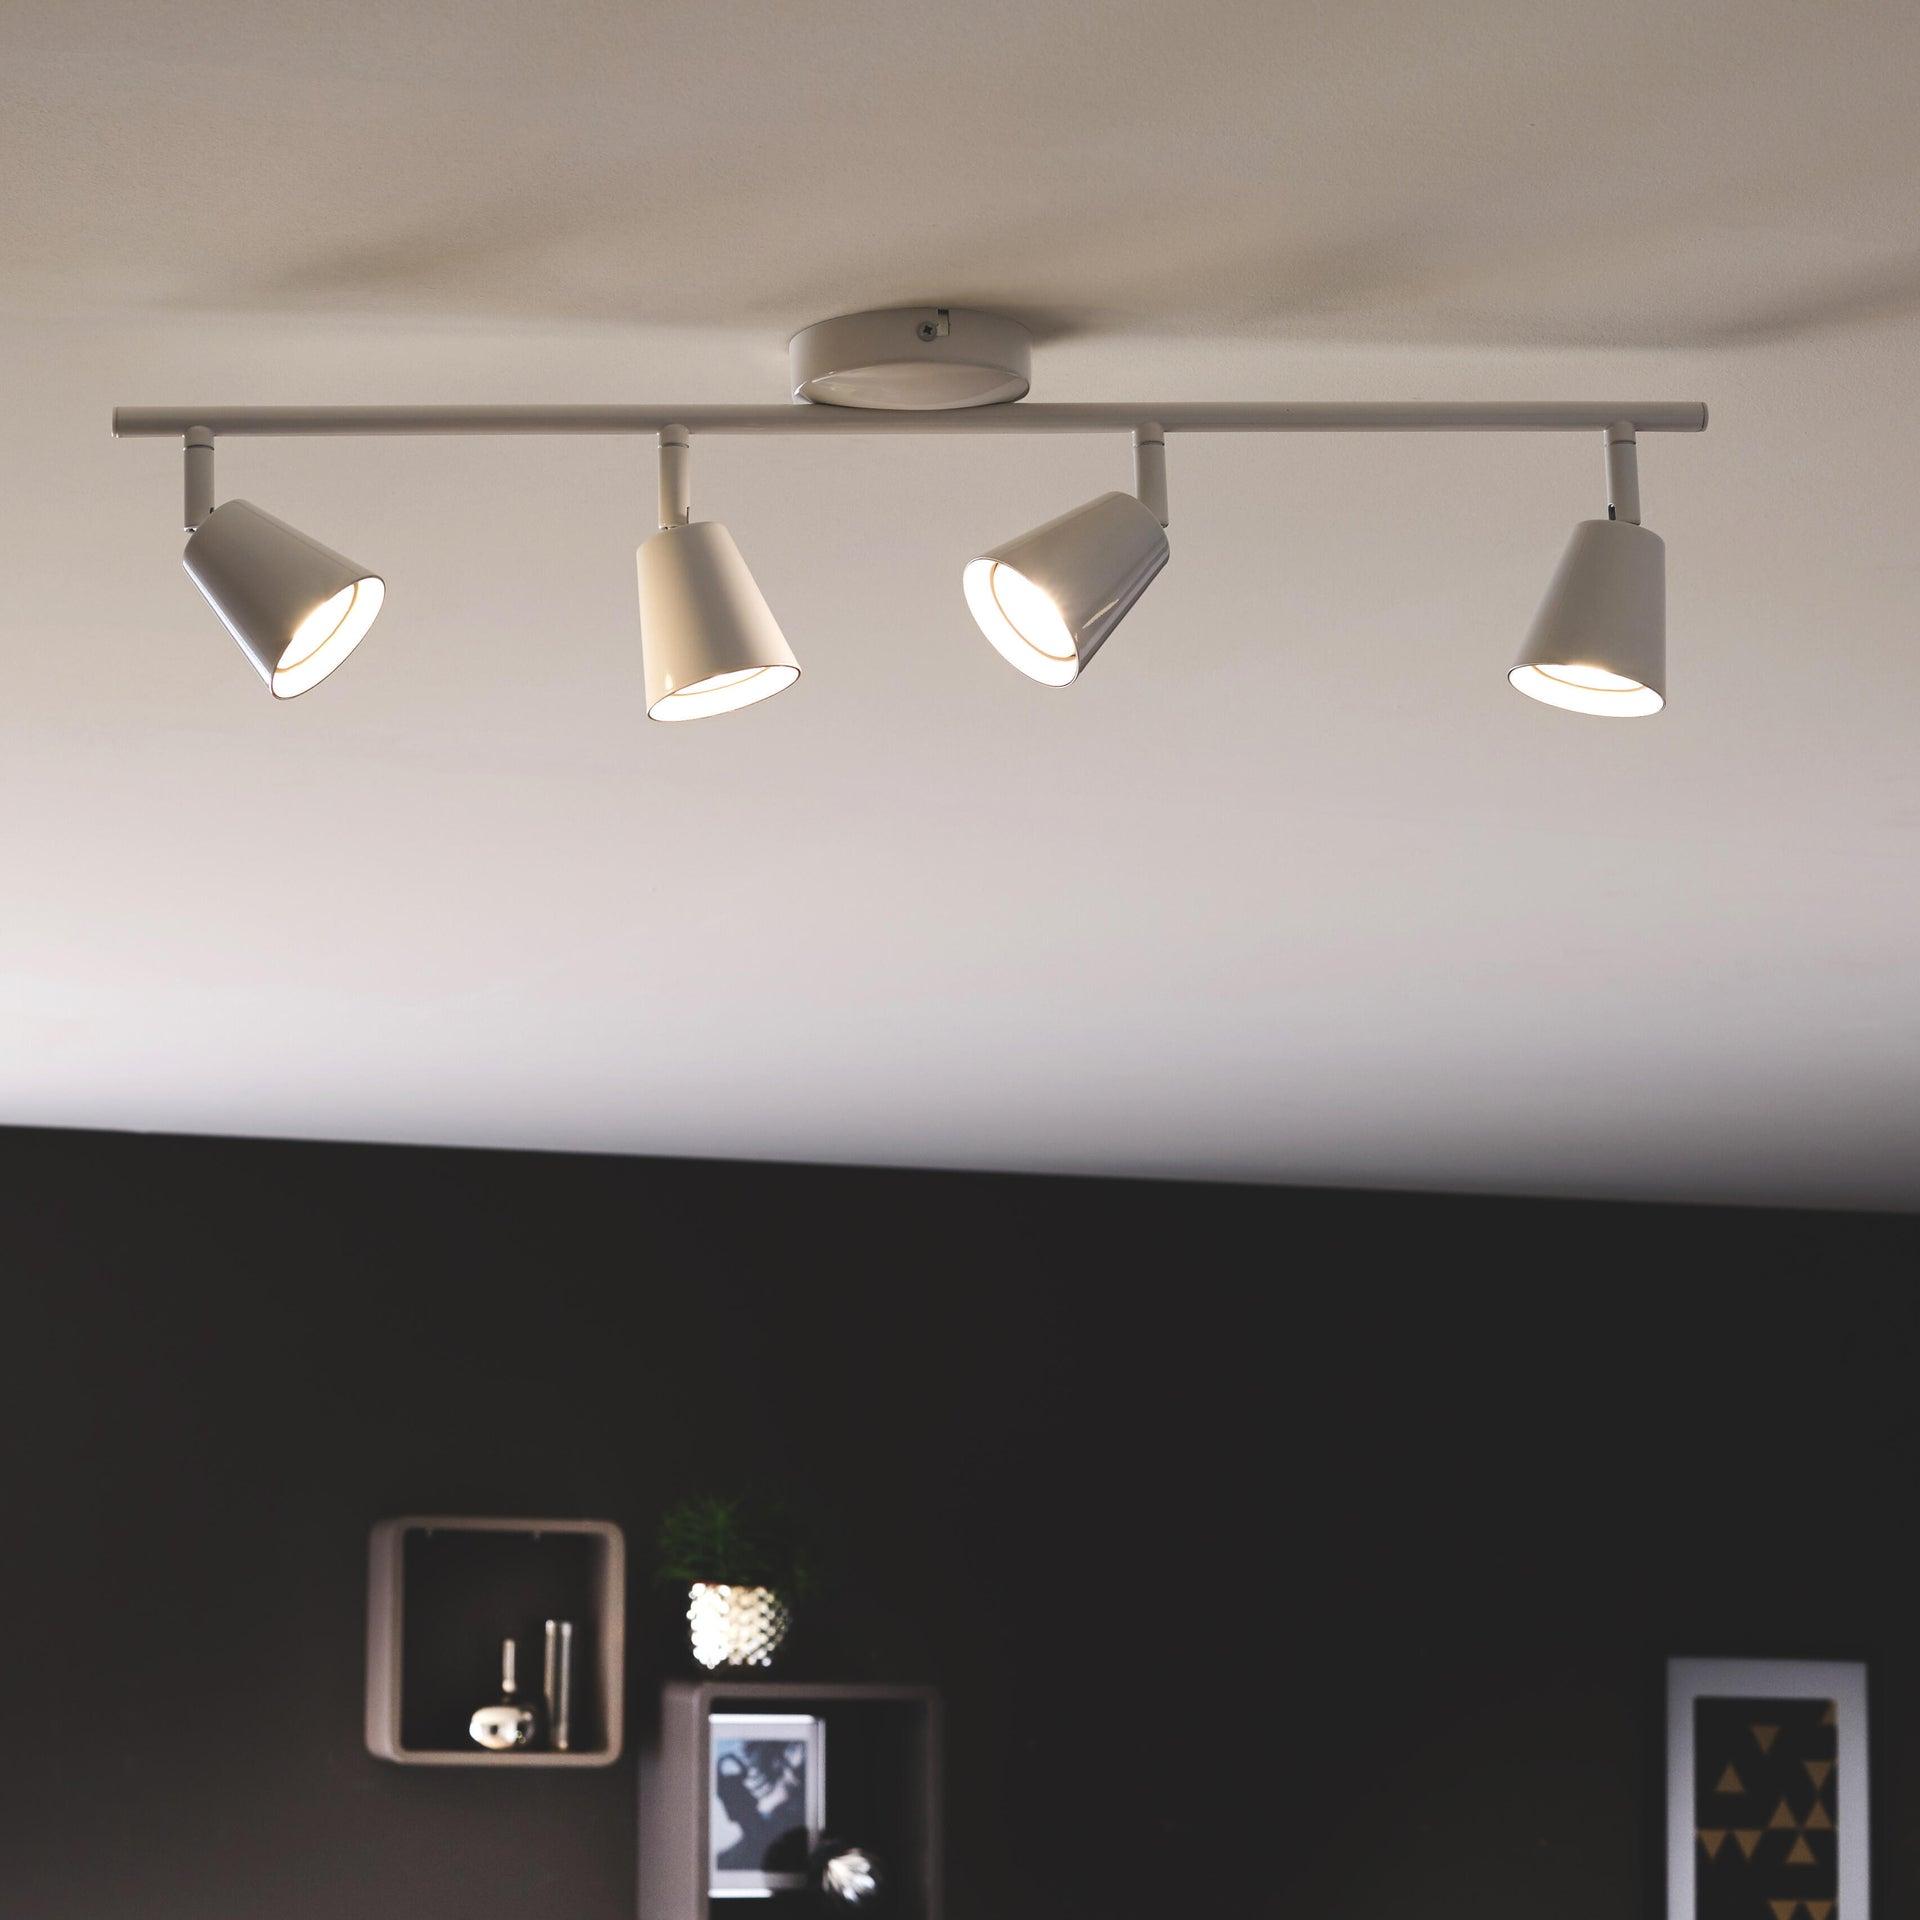 Barra di faretti Chapo bianco, in metallo, LED integrato 3.5W 1120LM IP20 INSPIRE - 5